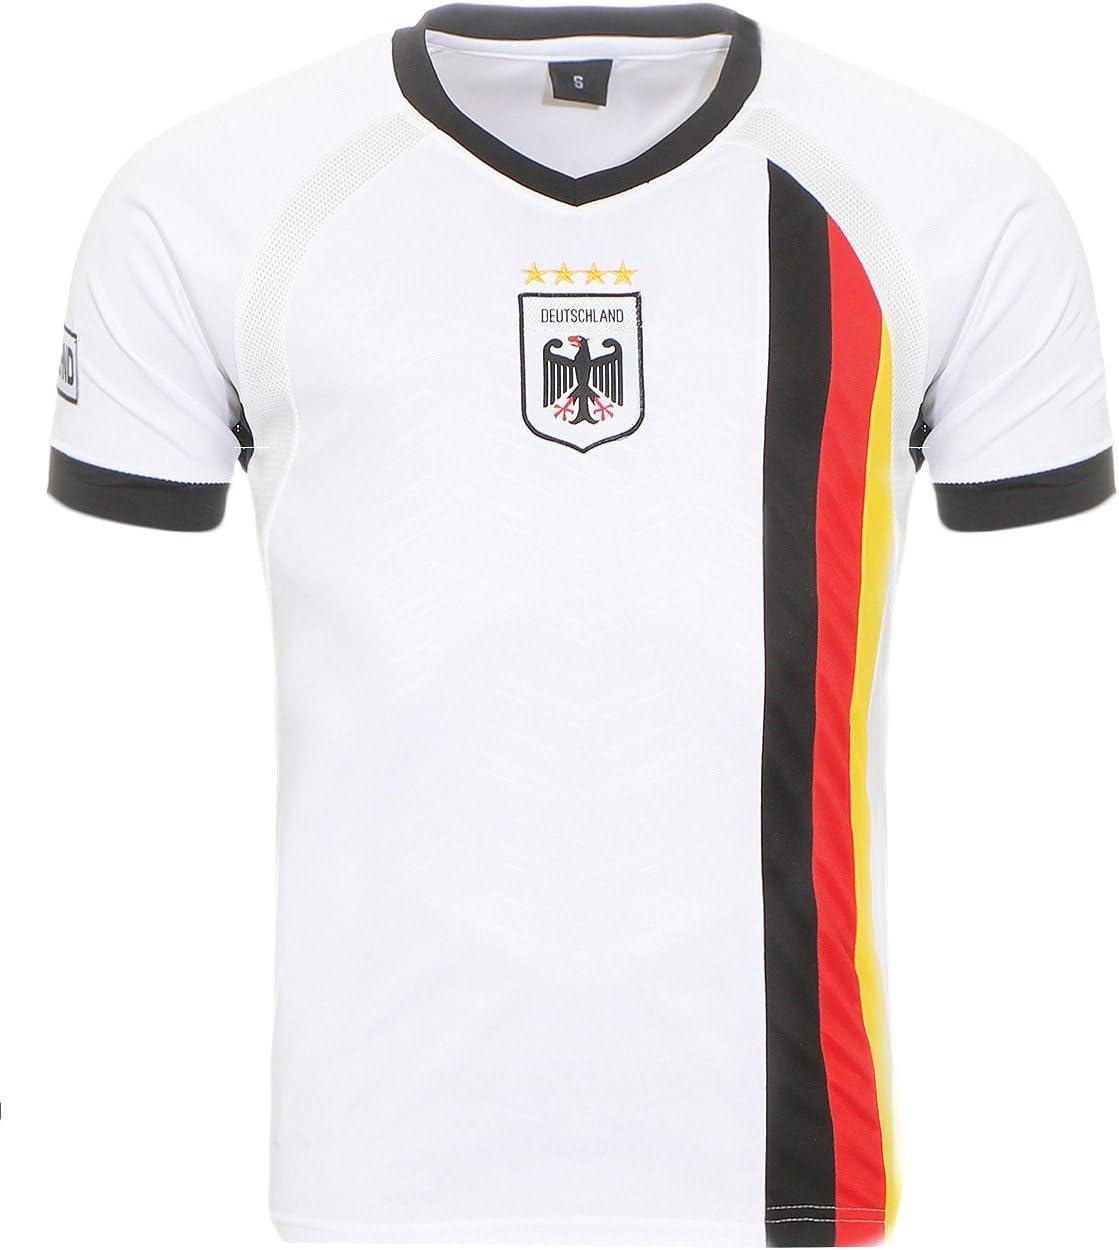 Camiseta de fútbol de Alemania del Mundial de Matyfashion, colección para hombres y mujeres en color blanco 5, Hombre, Blanco, medium: Amazon.es: Deportes y aire libre